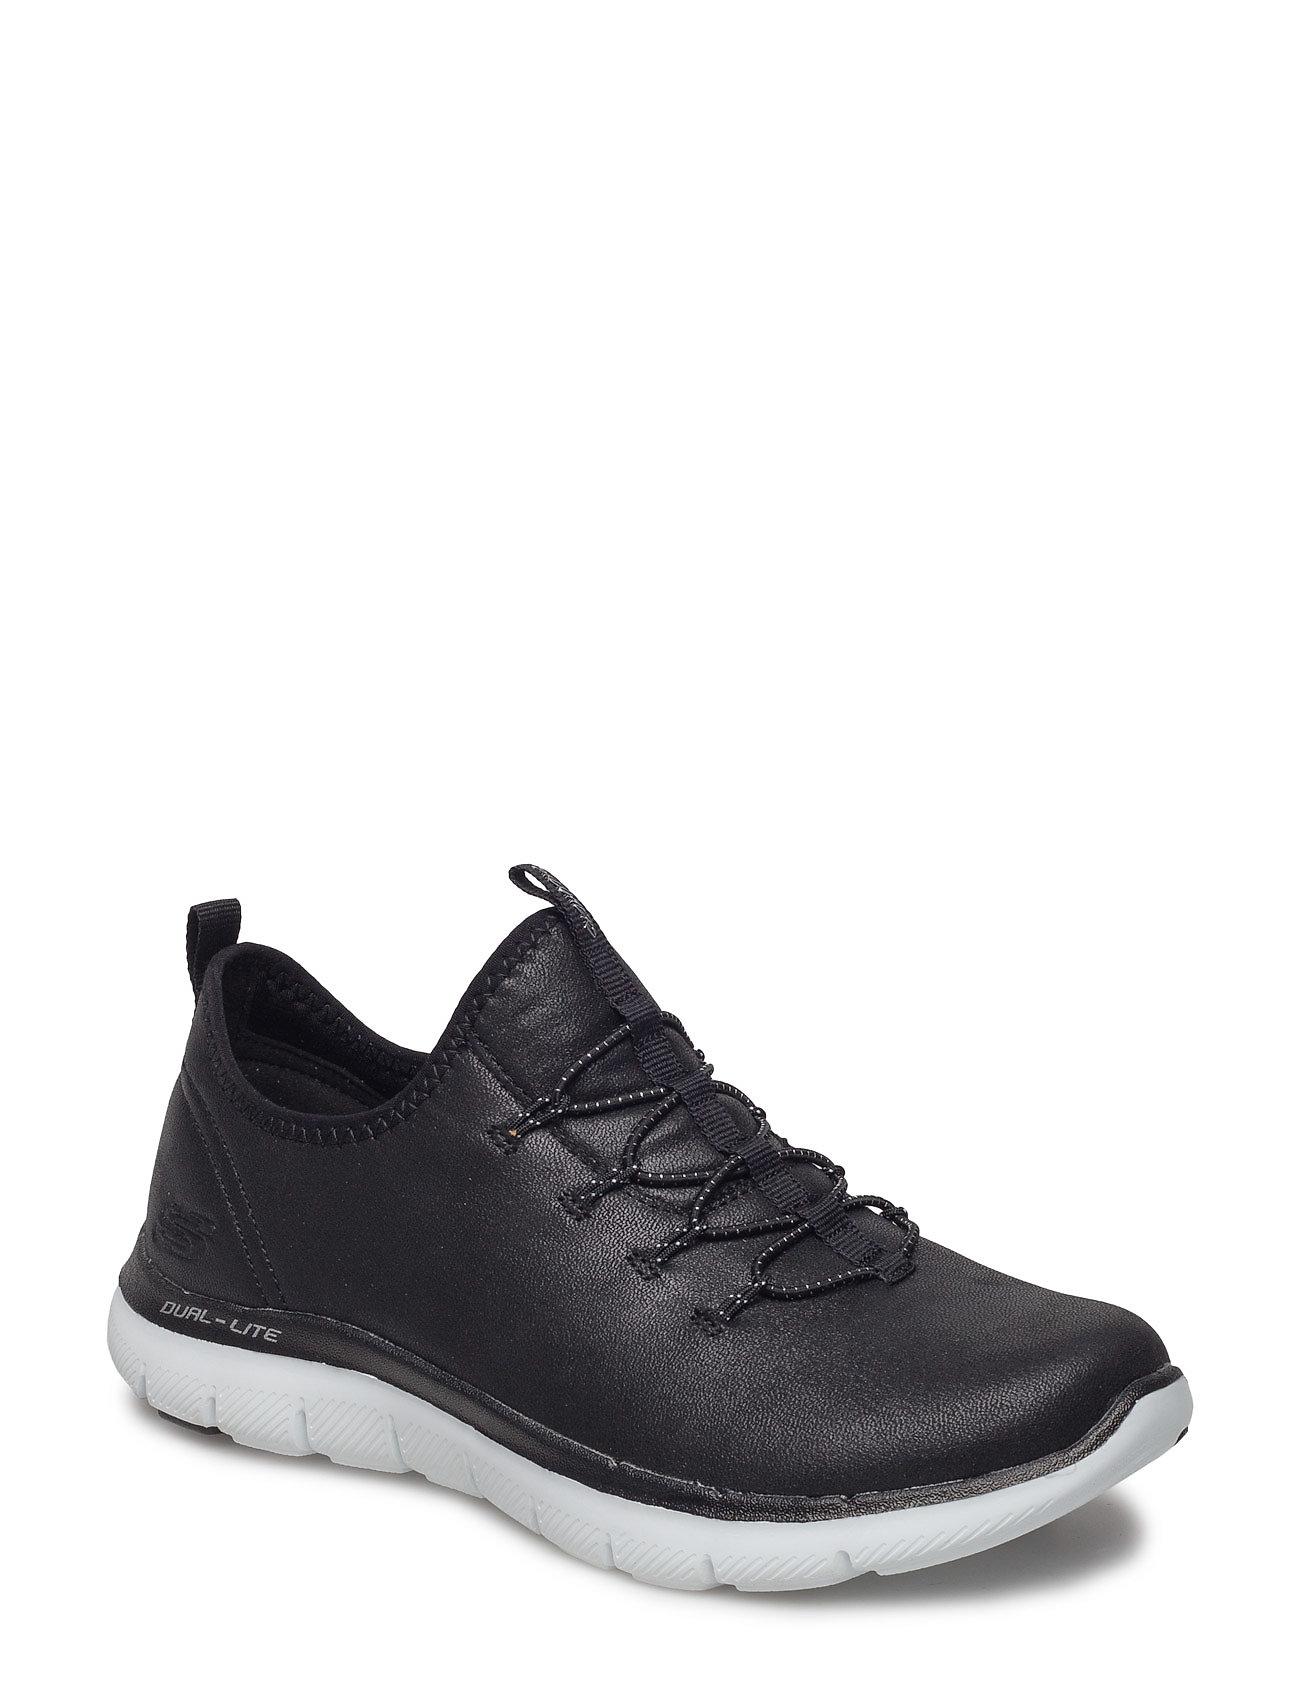 Womens Flex Appeal 2.0 Skechers Sneakers til Damer i